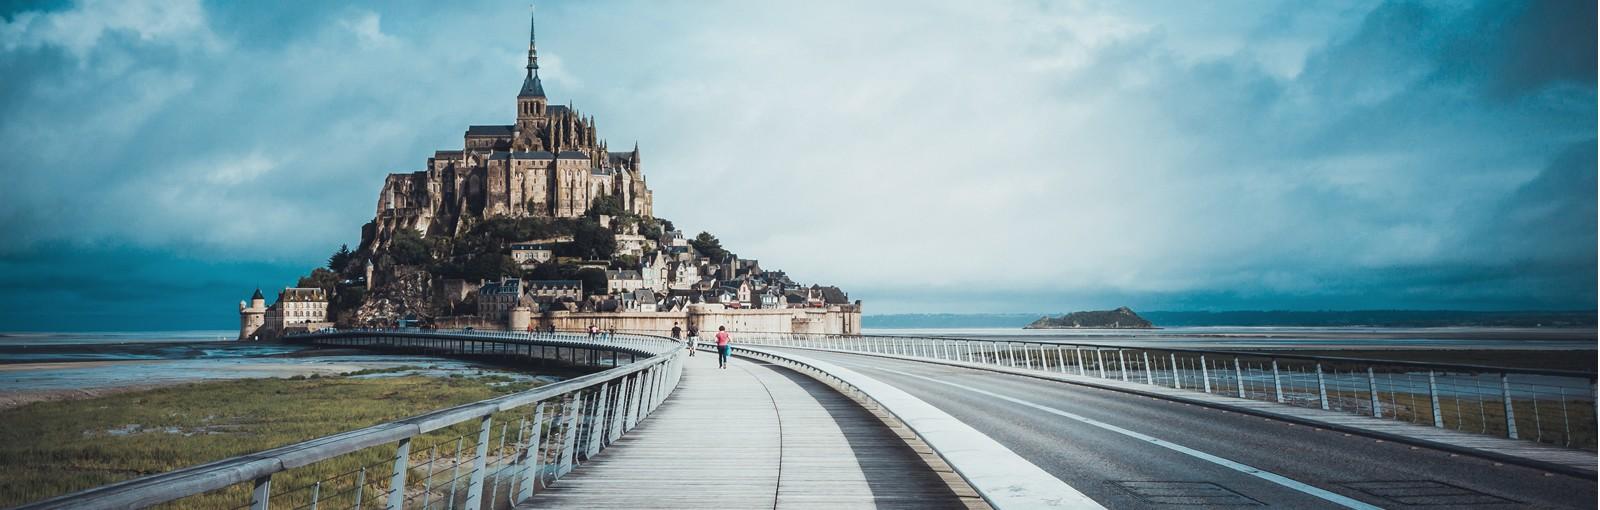 Tours 3 Dias en Normandia y en los castillos de la Loire - Multi-régional - Circuitos desde Paris